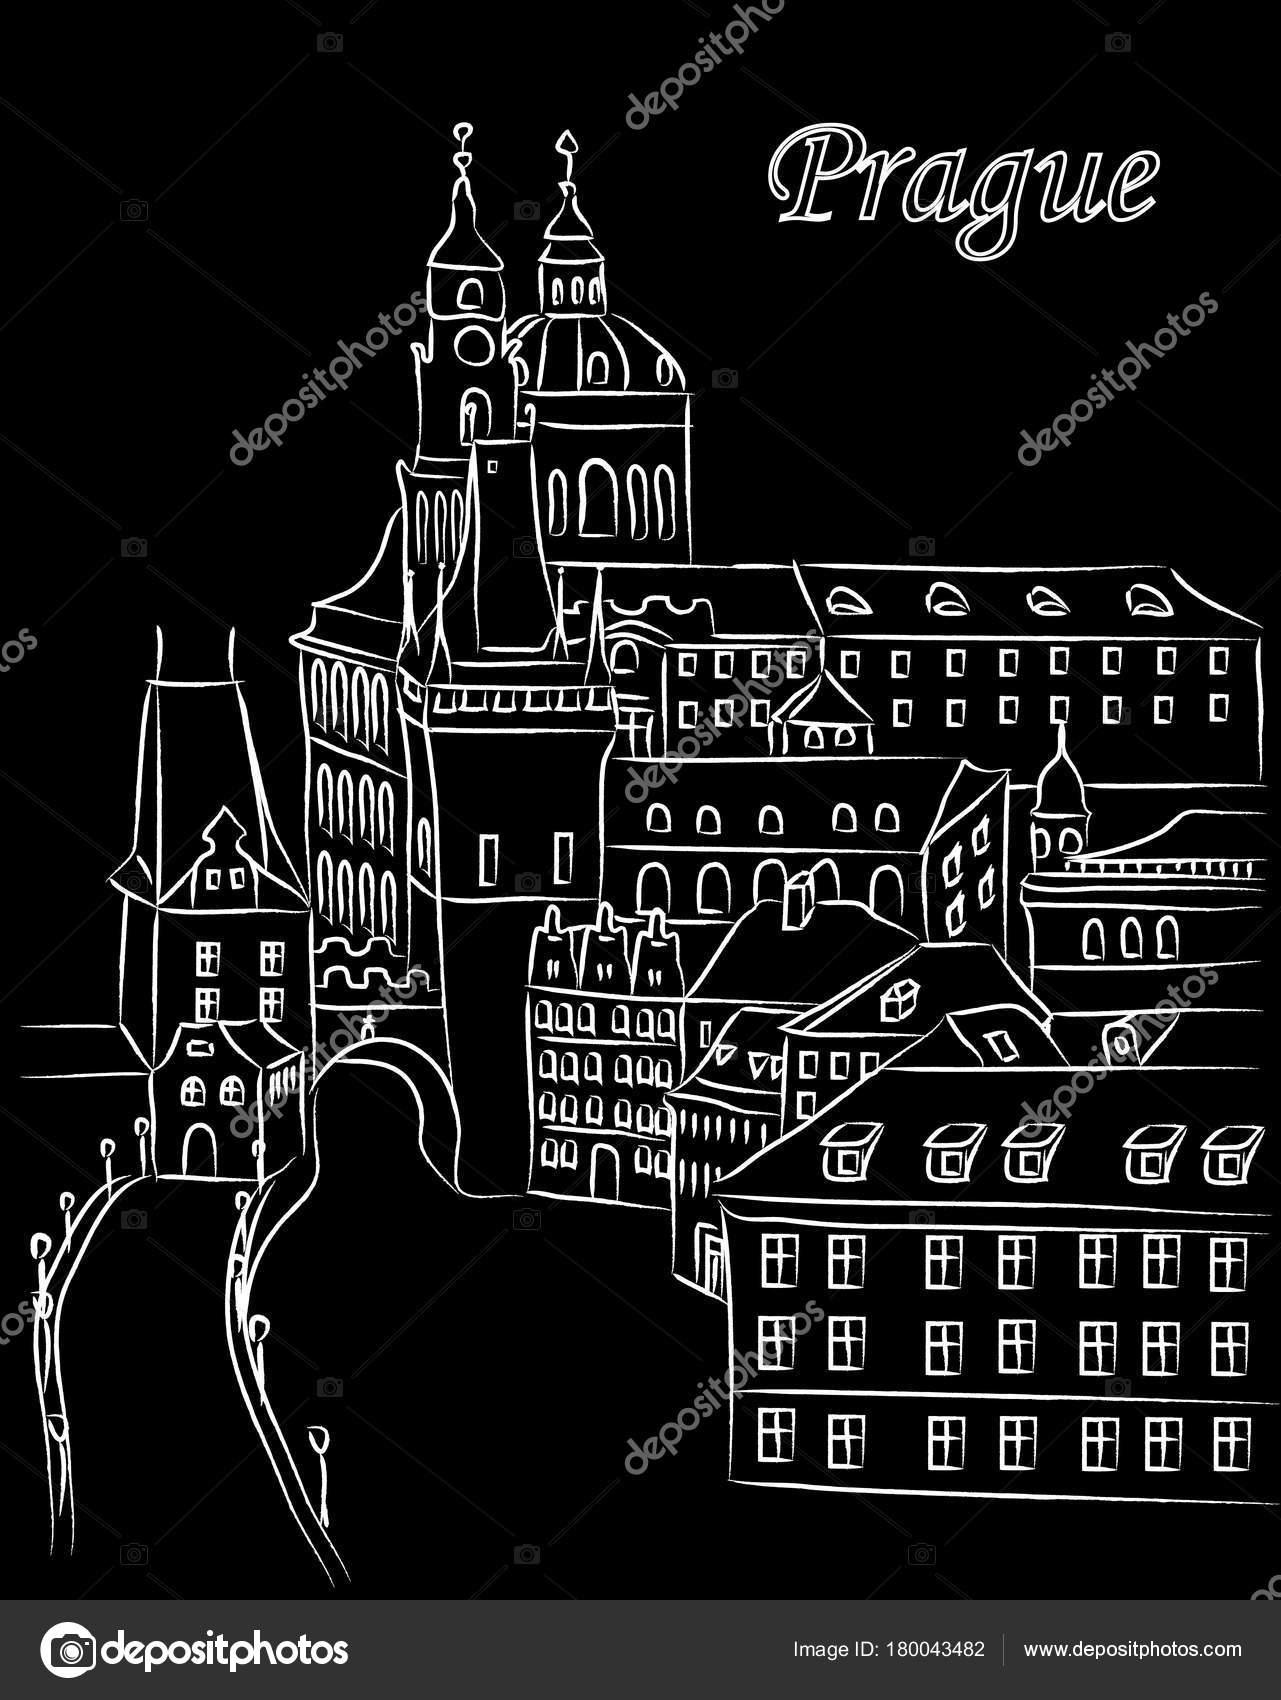 Bile Kreslene Vektorove Ilustrace Centra Prahy Kridou Cernem Pozadi